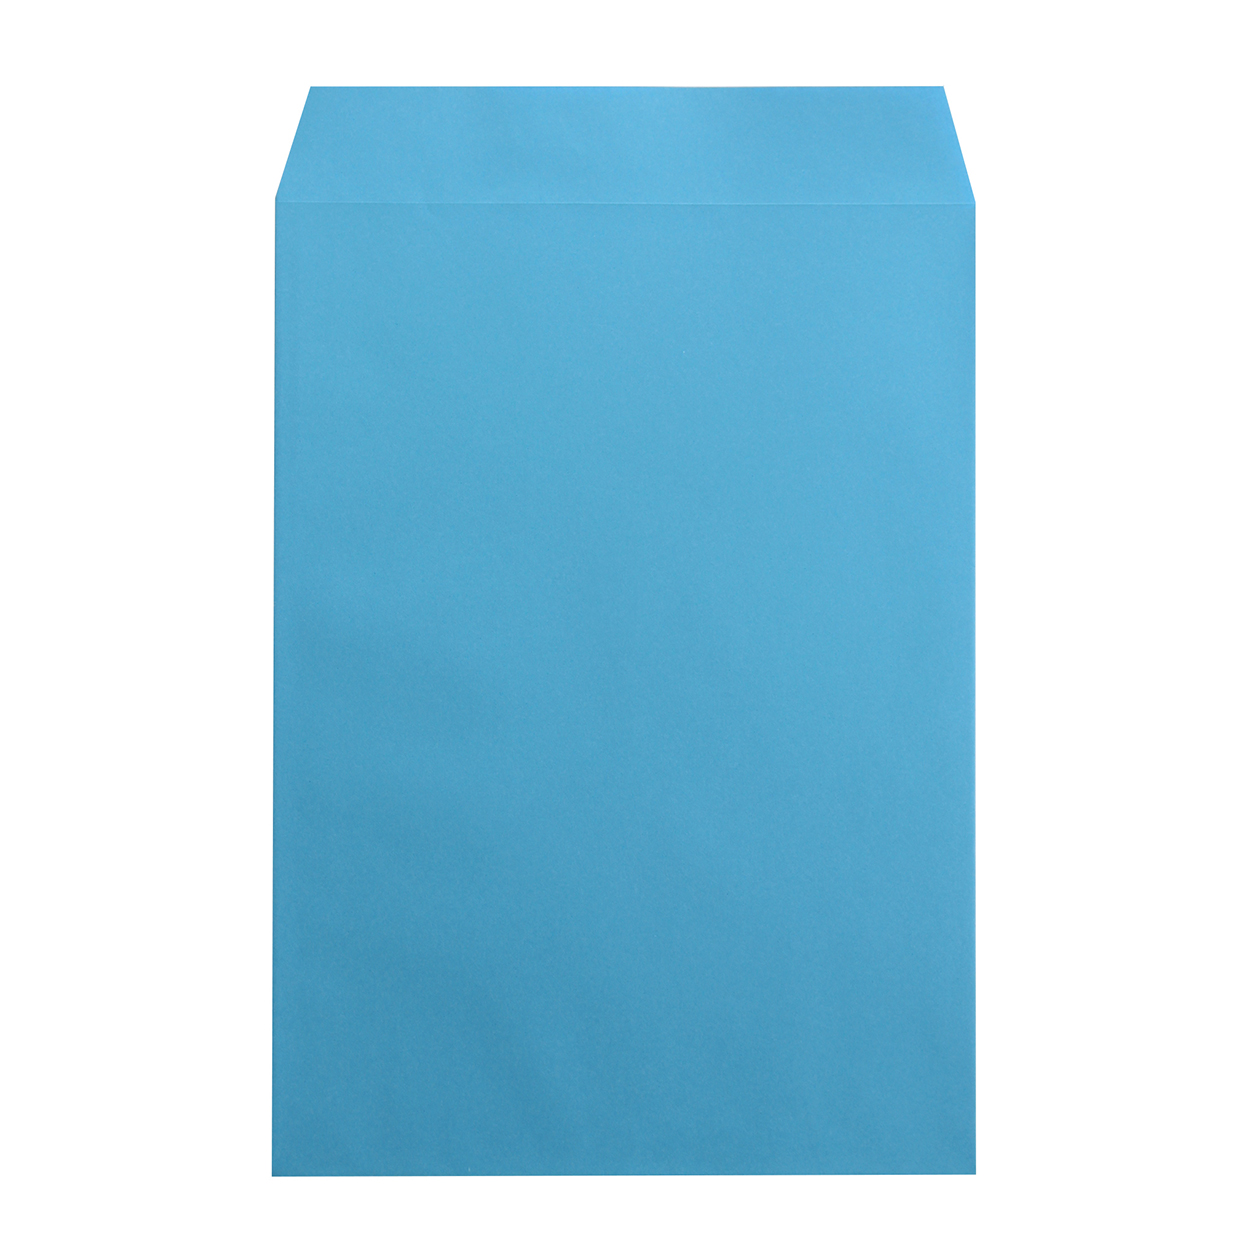 角2封筒 コニーカラー ブルー 85g